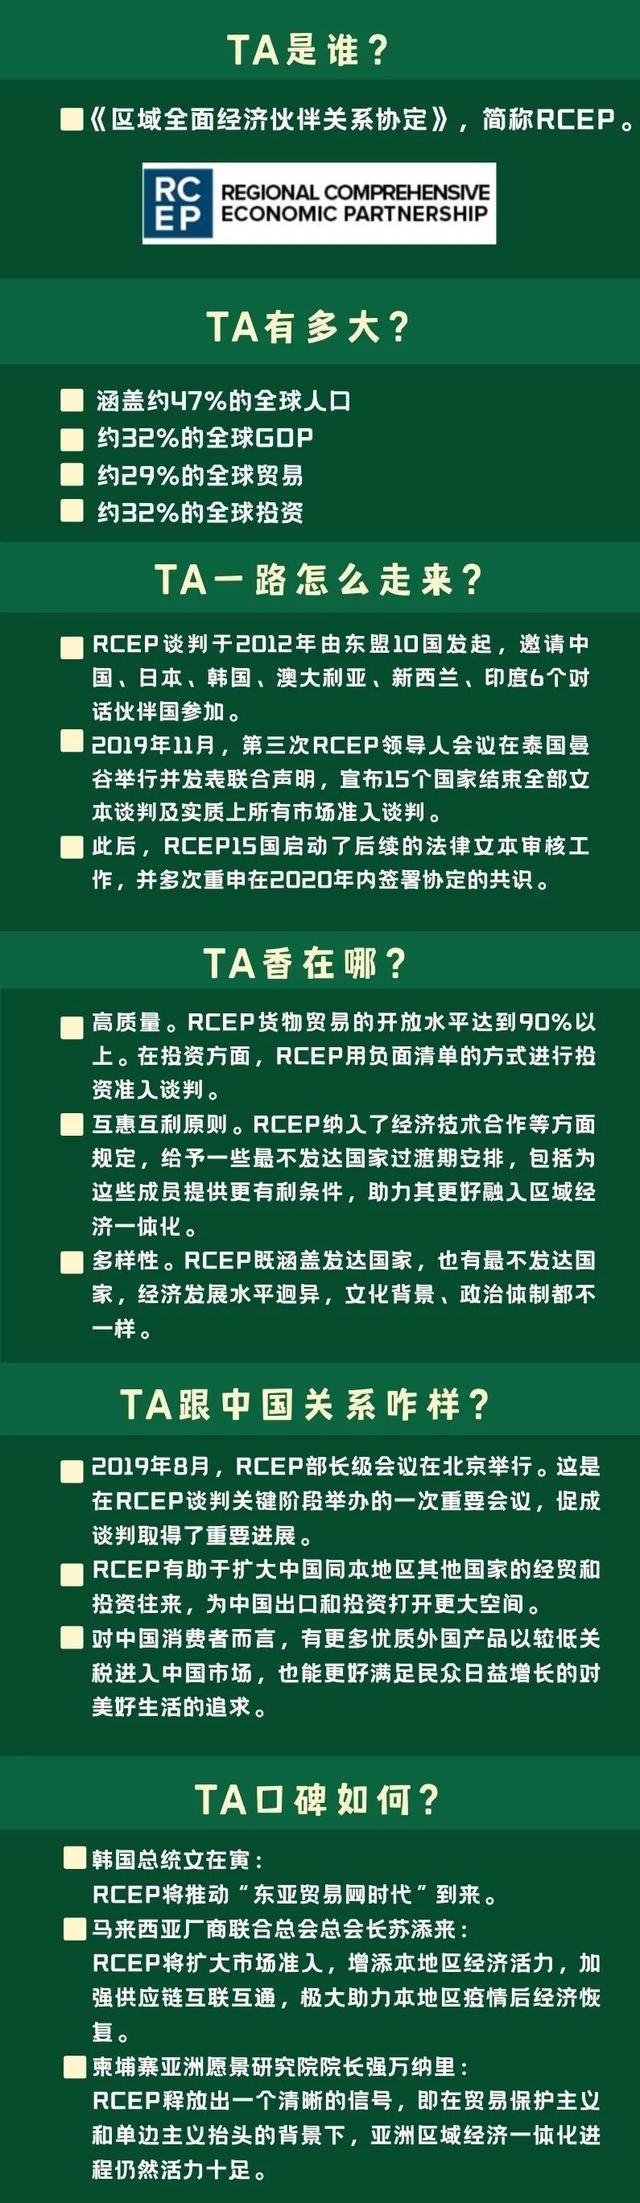 RCEP为疫情下全球经济复苏注入新动力